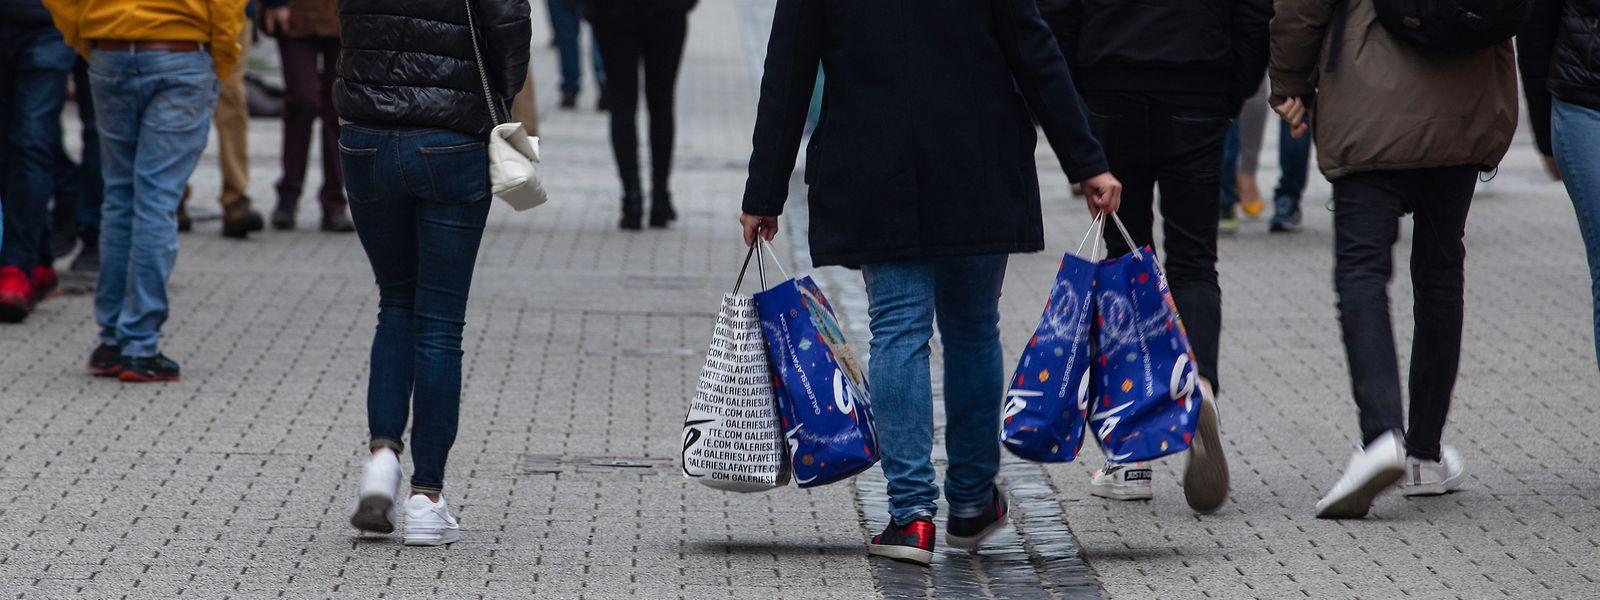 Die Regeln zum Einkaufen sind in Luxemburg und seinen Nachbarstaaten unterschiedlich - wie in so vielen Bereichen des täglichen Lebens.